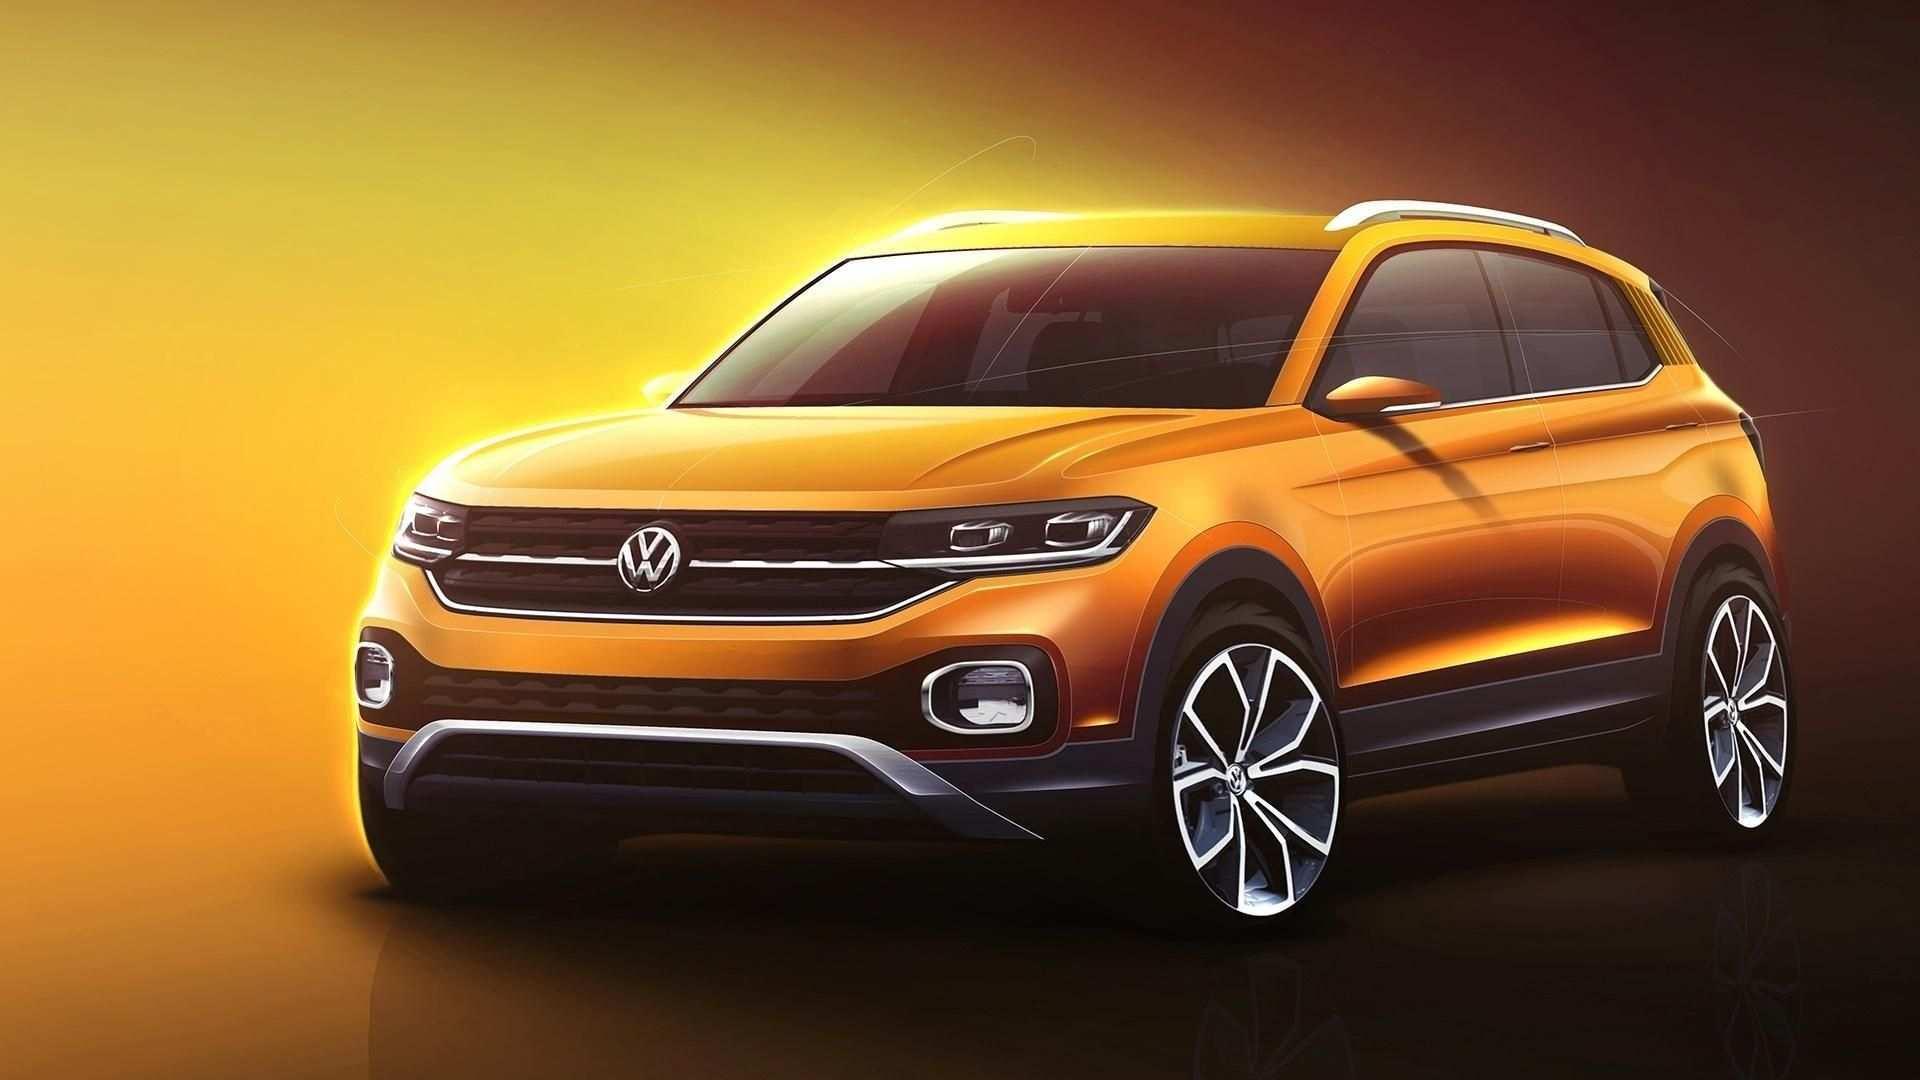 23 New Volkswagen Linha 2020 Wallpaper with Volkswagen Linha 2020